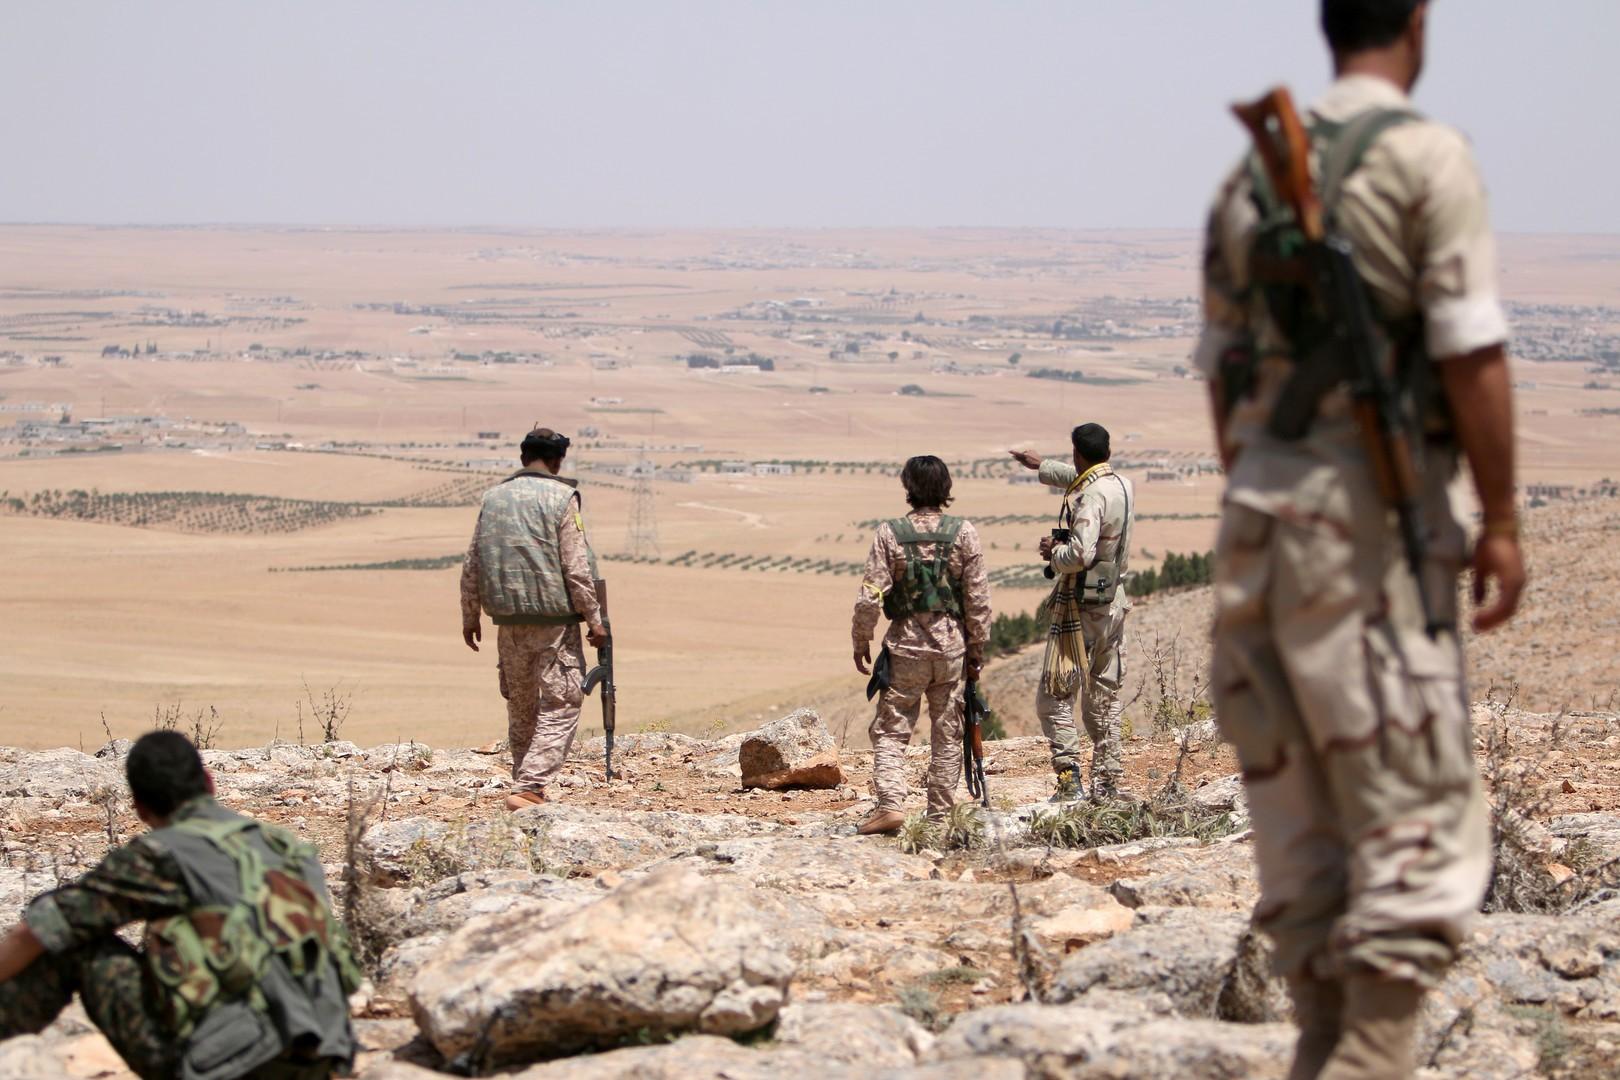 سوريا الديمقراطية تنفي وقوع اجتماع أمريكي سعودي في القامشلي لبحث نفط المنطقة